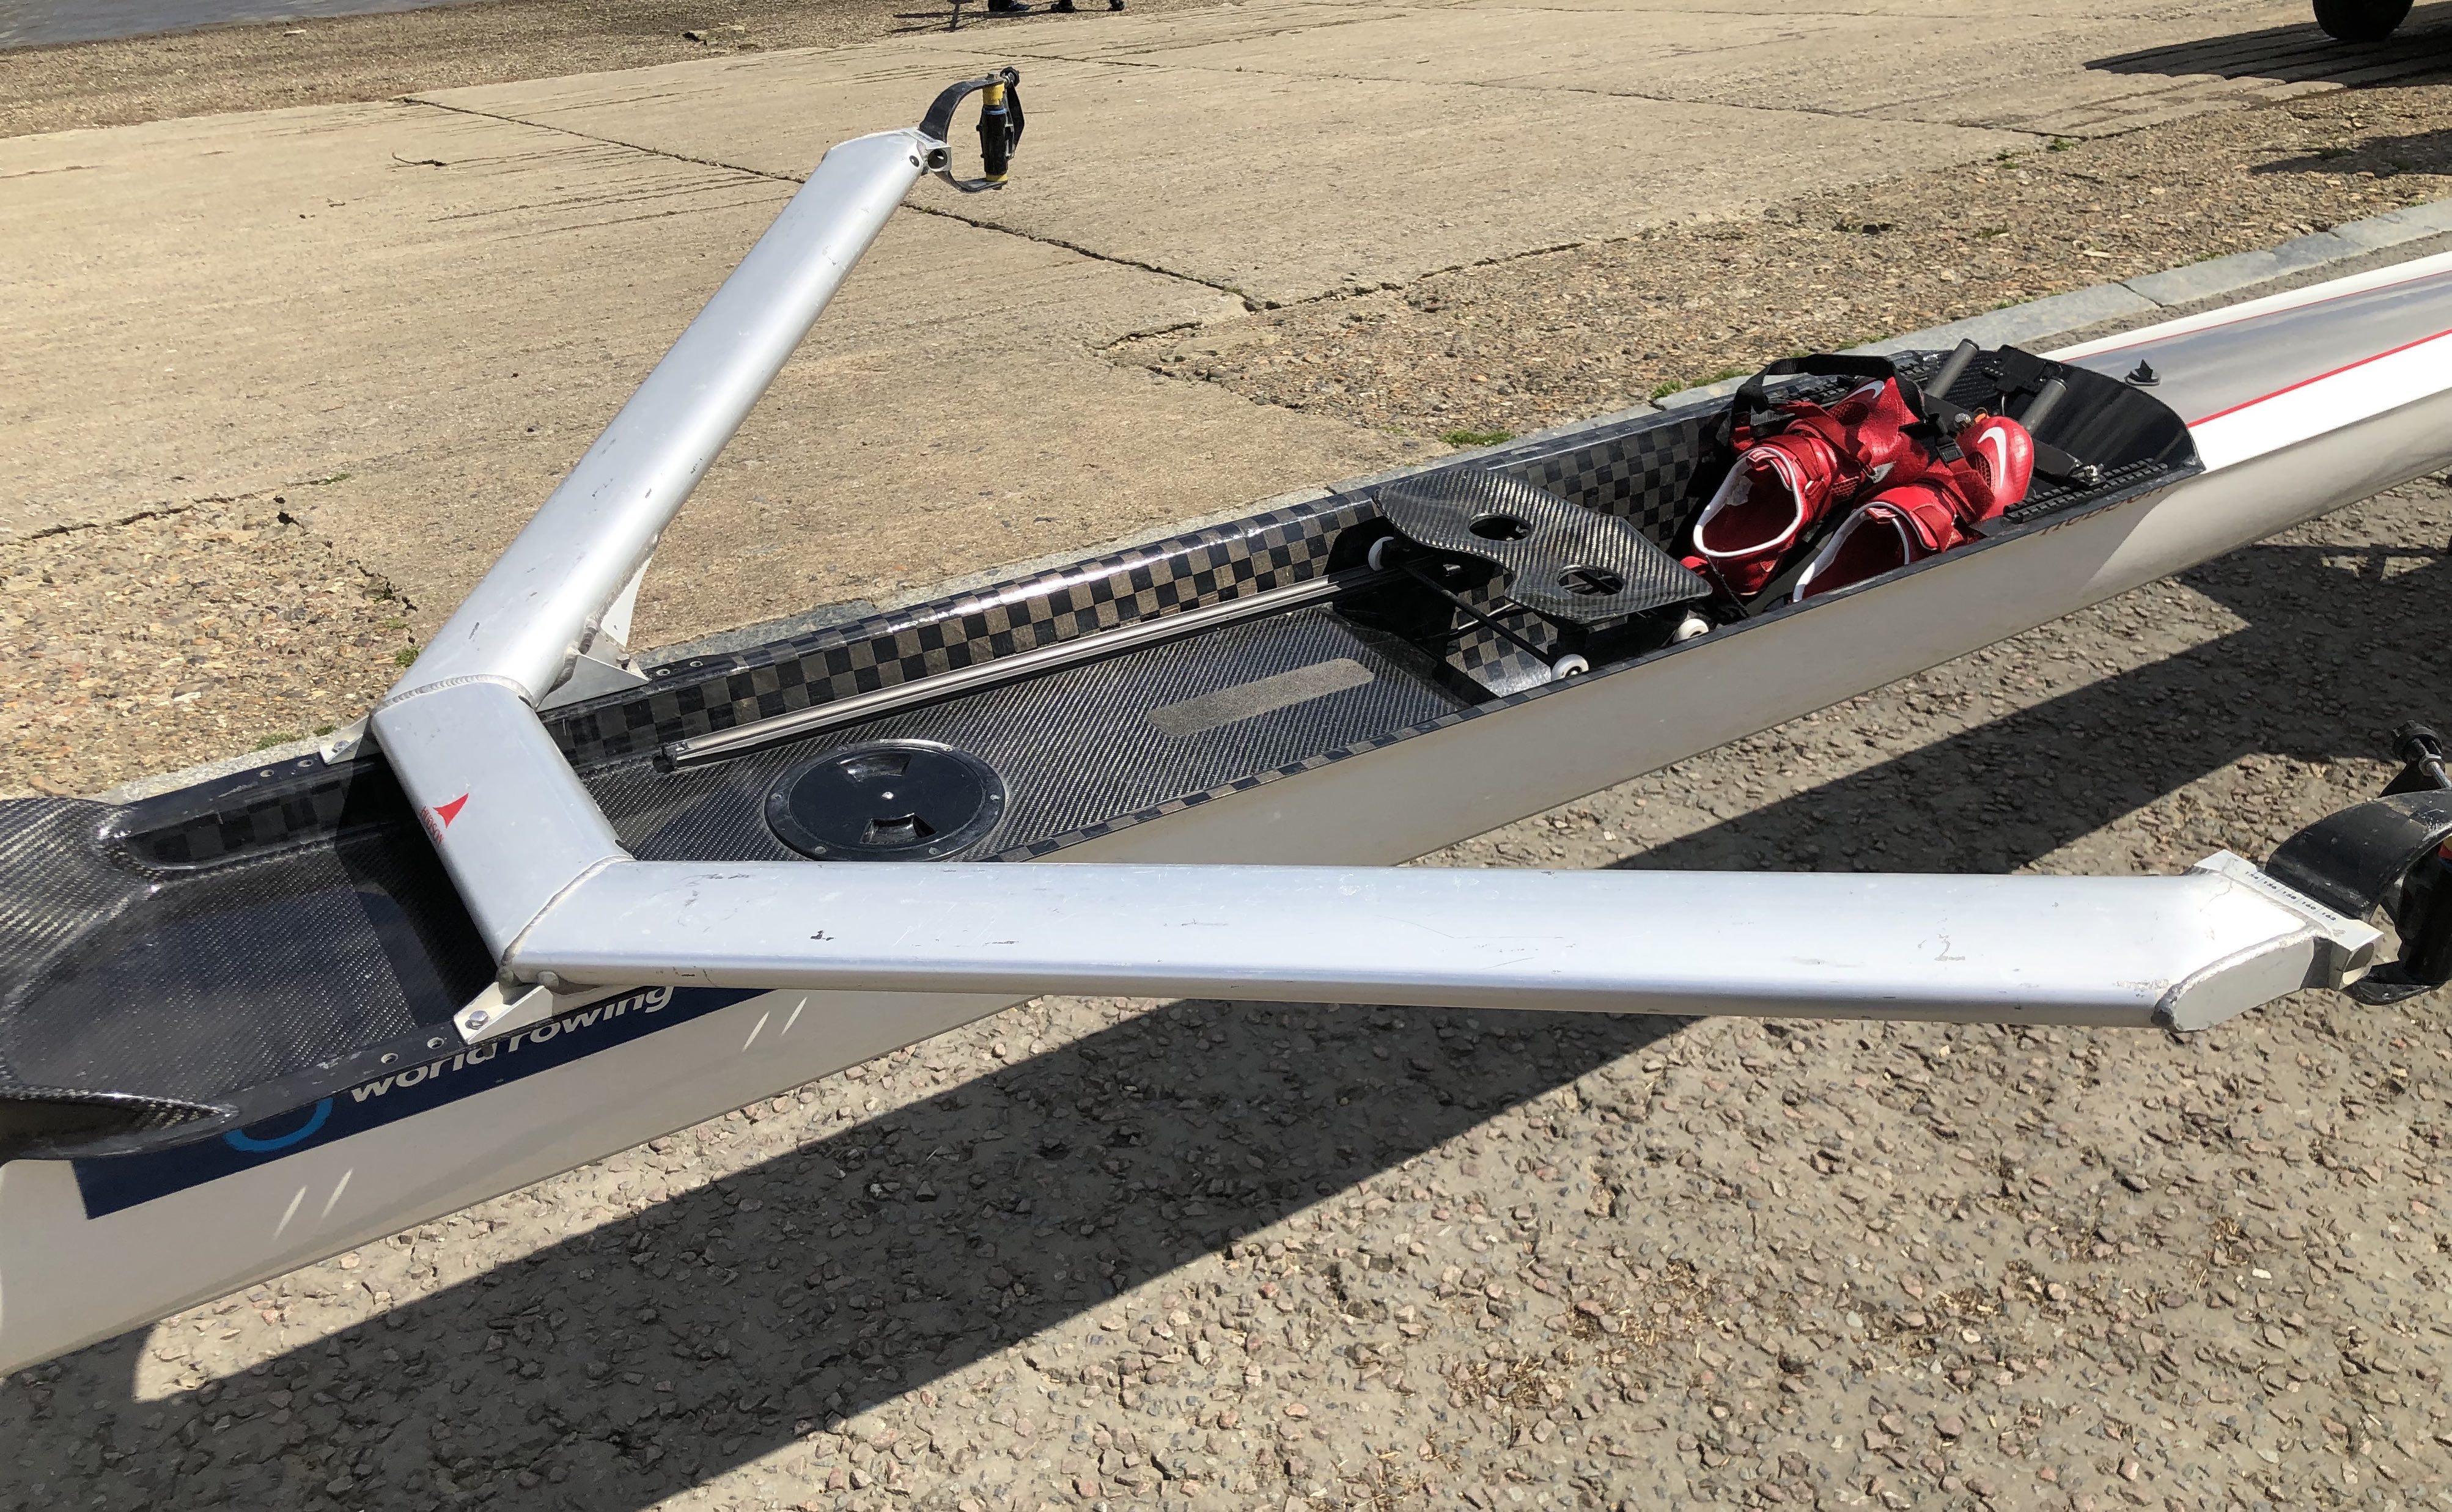 Hudson S1.31 1x for 73-86kg